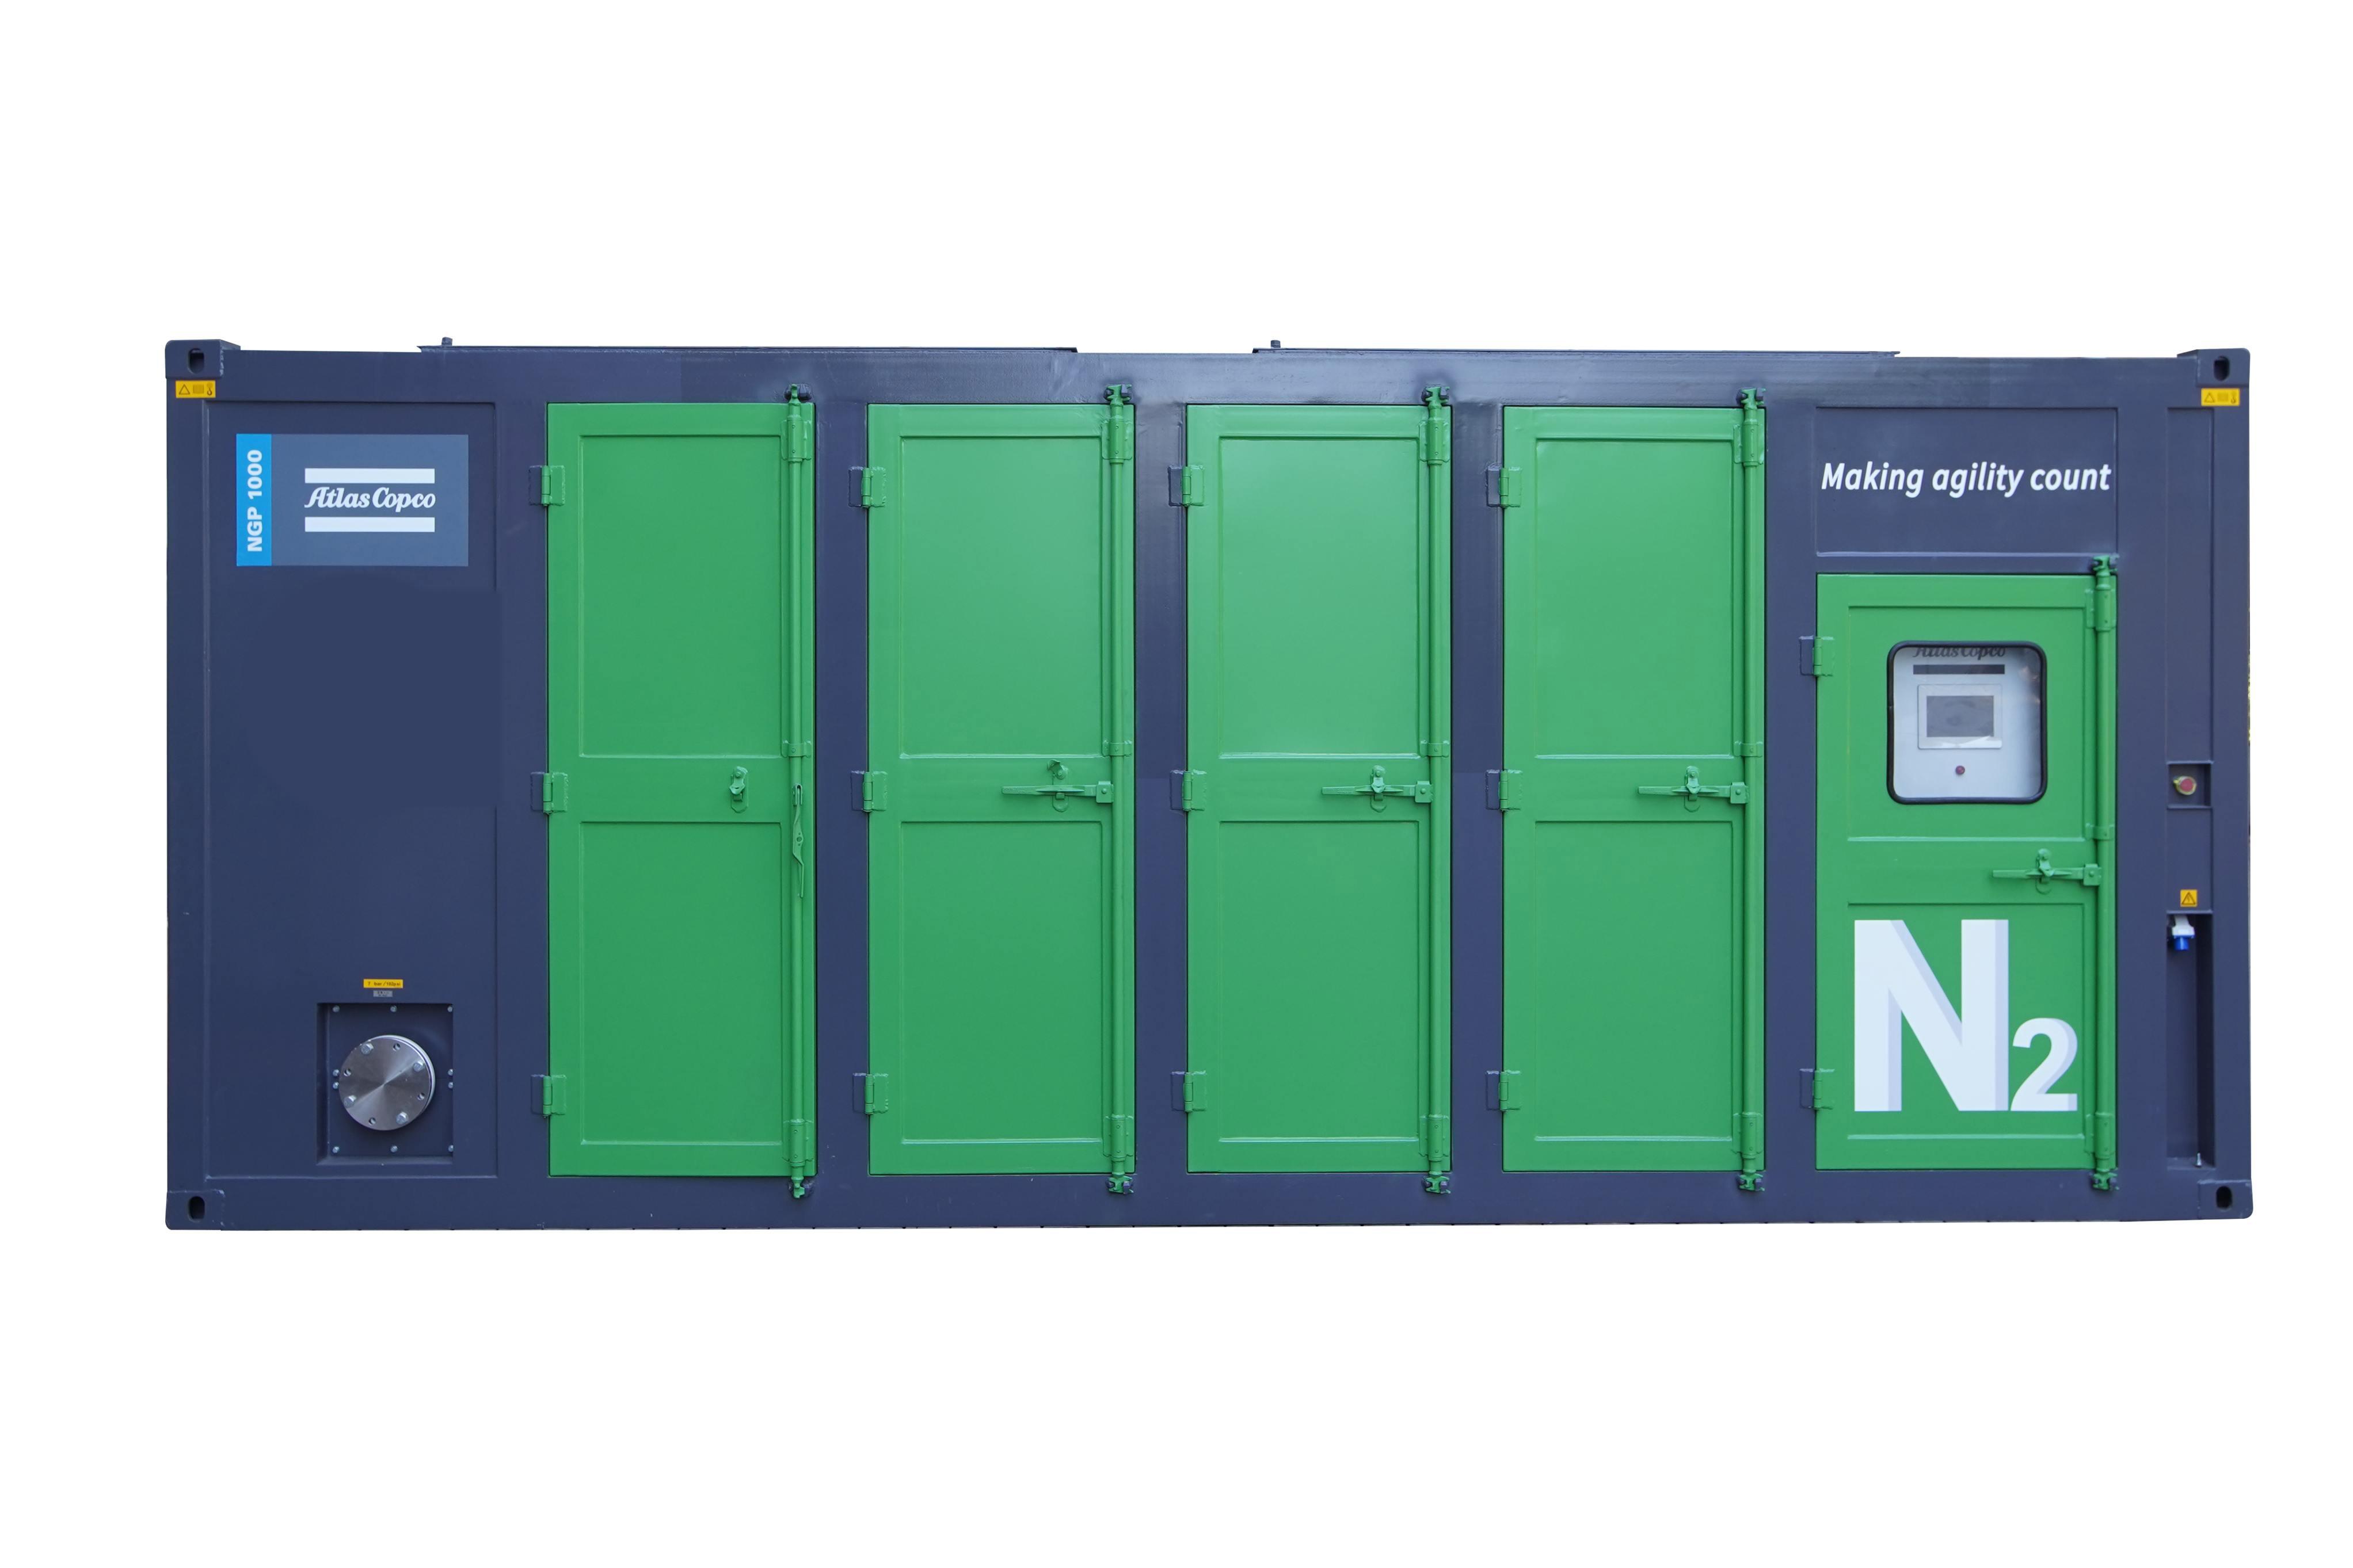 阿特拉斯·科普柯全新NGP 1000变压吸附式制氮机介绍